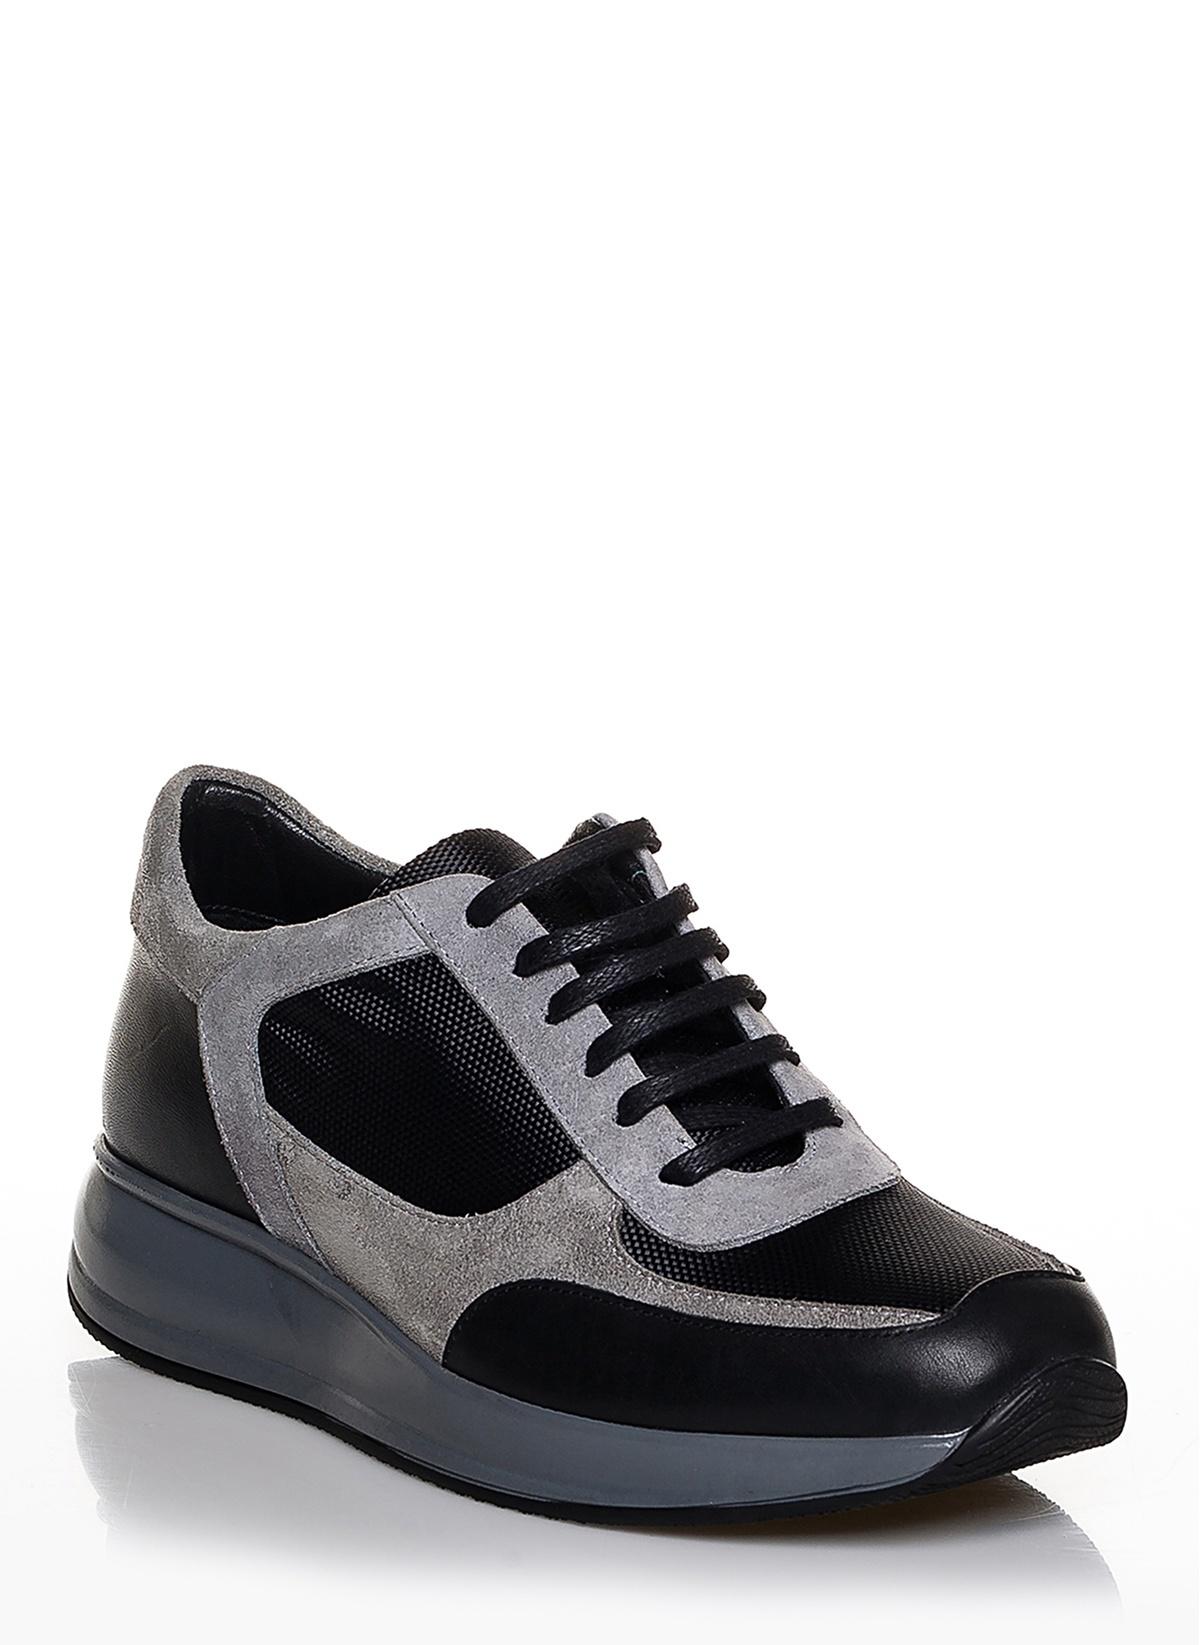 Efem Deri Ayakkabı 19yynr129888 Günlük Ayakkabı – 360.0 TL